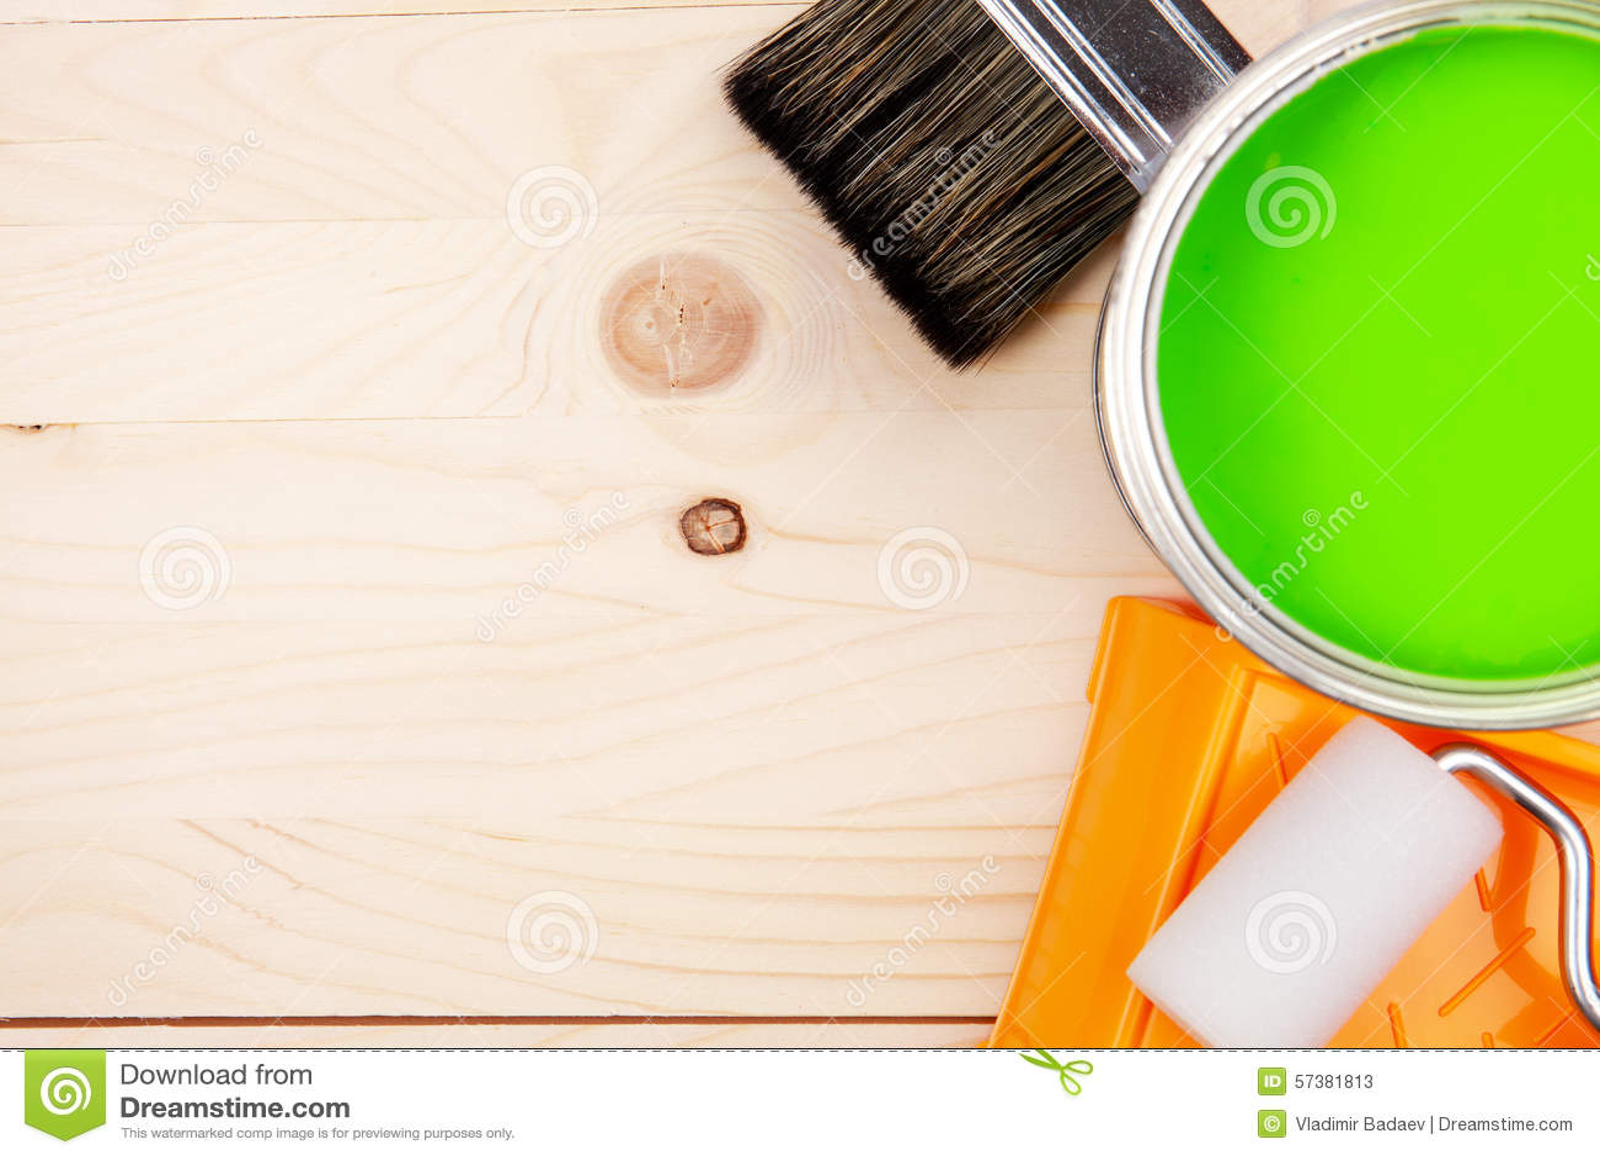 Penselen en groene verfemmer